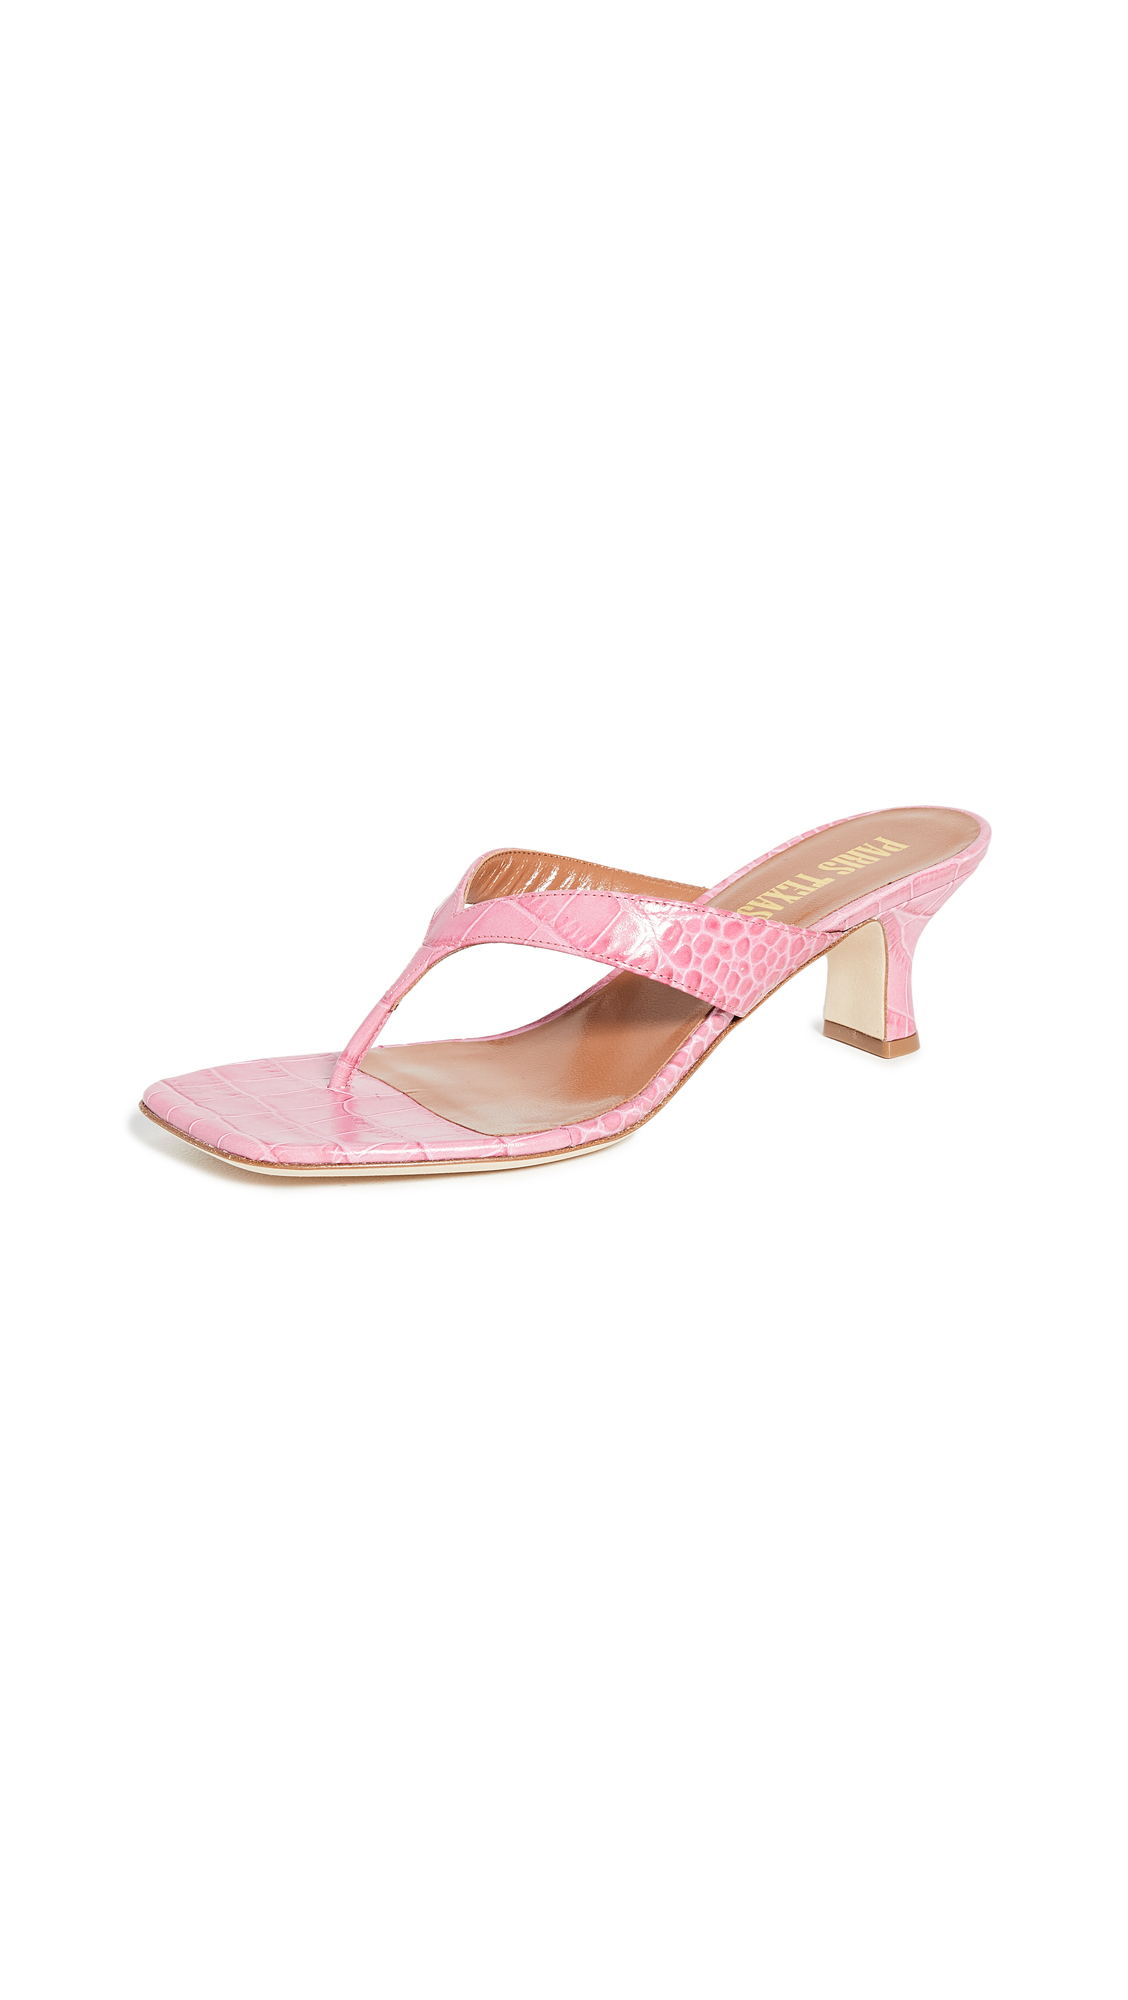 Buy Paris Texas Thong Sandals online, shop Paris Texas